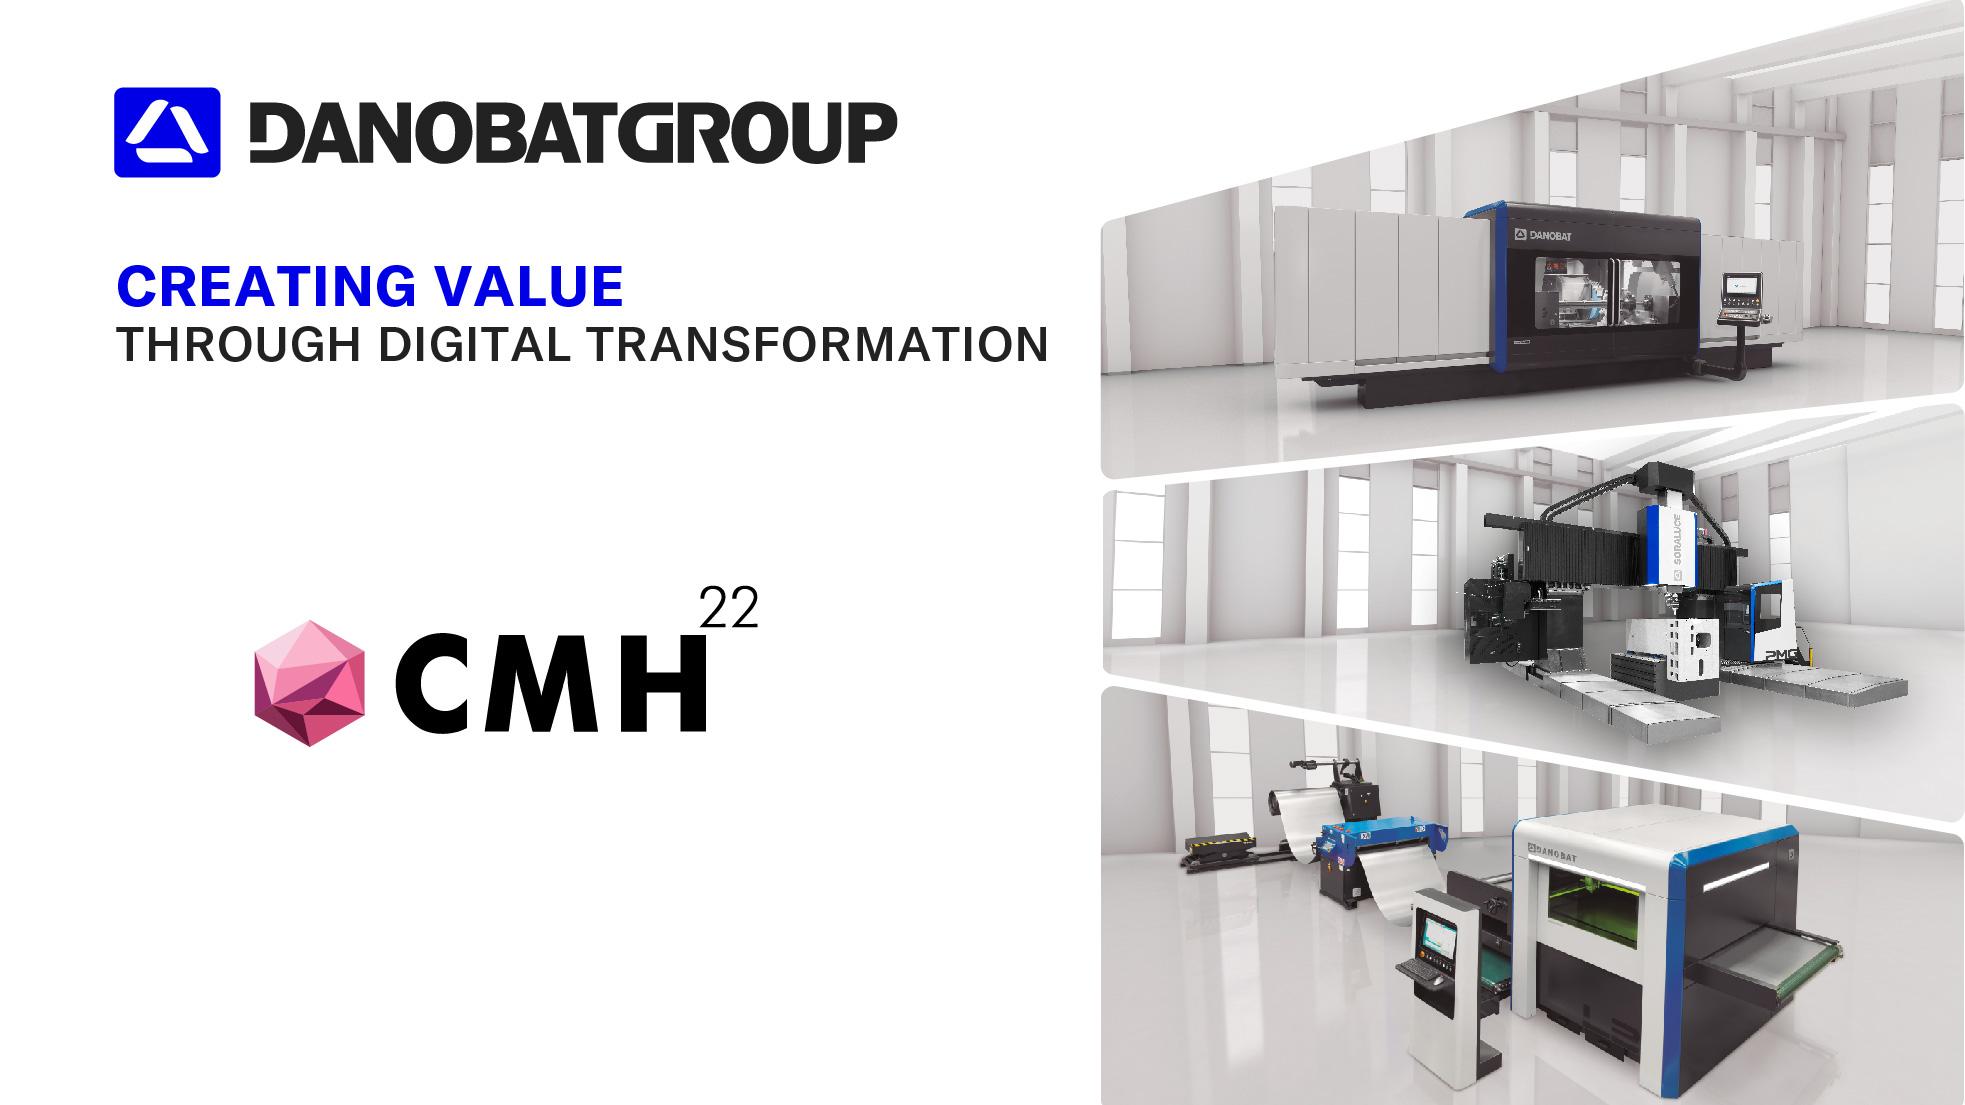 Danobatgroup comparte su apuesta por la digitalización y la gestión del talento en el Congreso de Máquina Herramienta